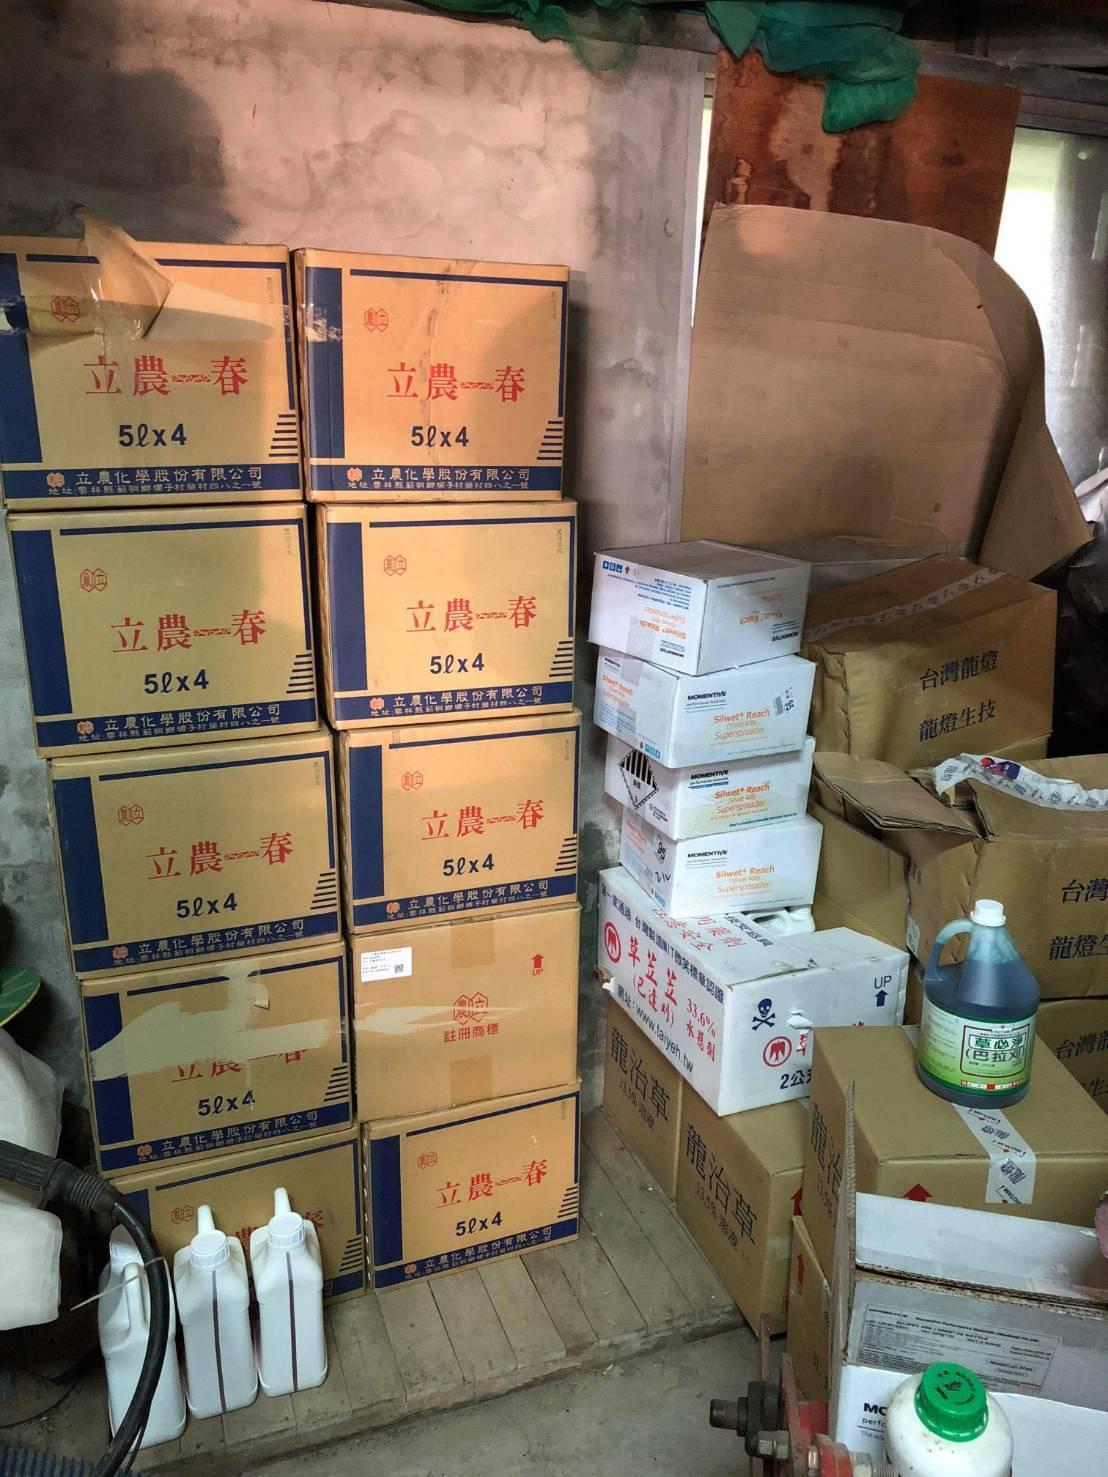 農委會貿然禁用劇毒農藥巴拉刈,因缺乏相關配套措施,農民被迫大量囤積。圖/農民提供